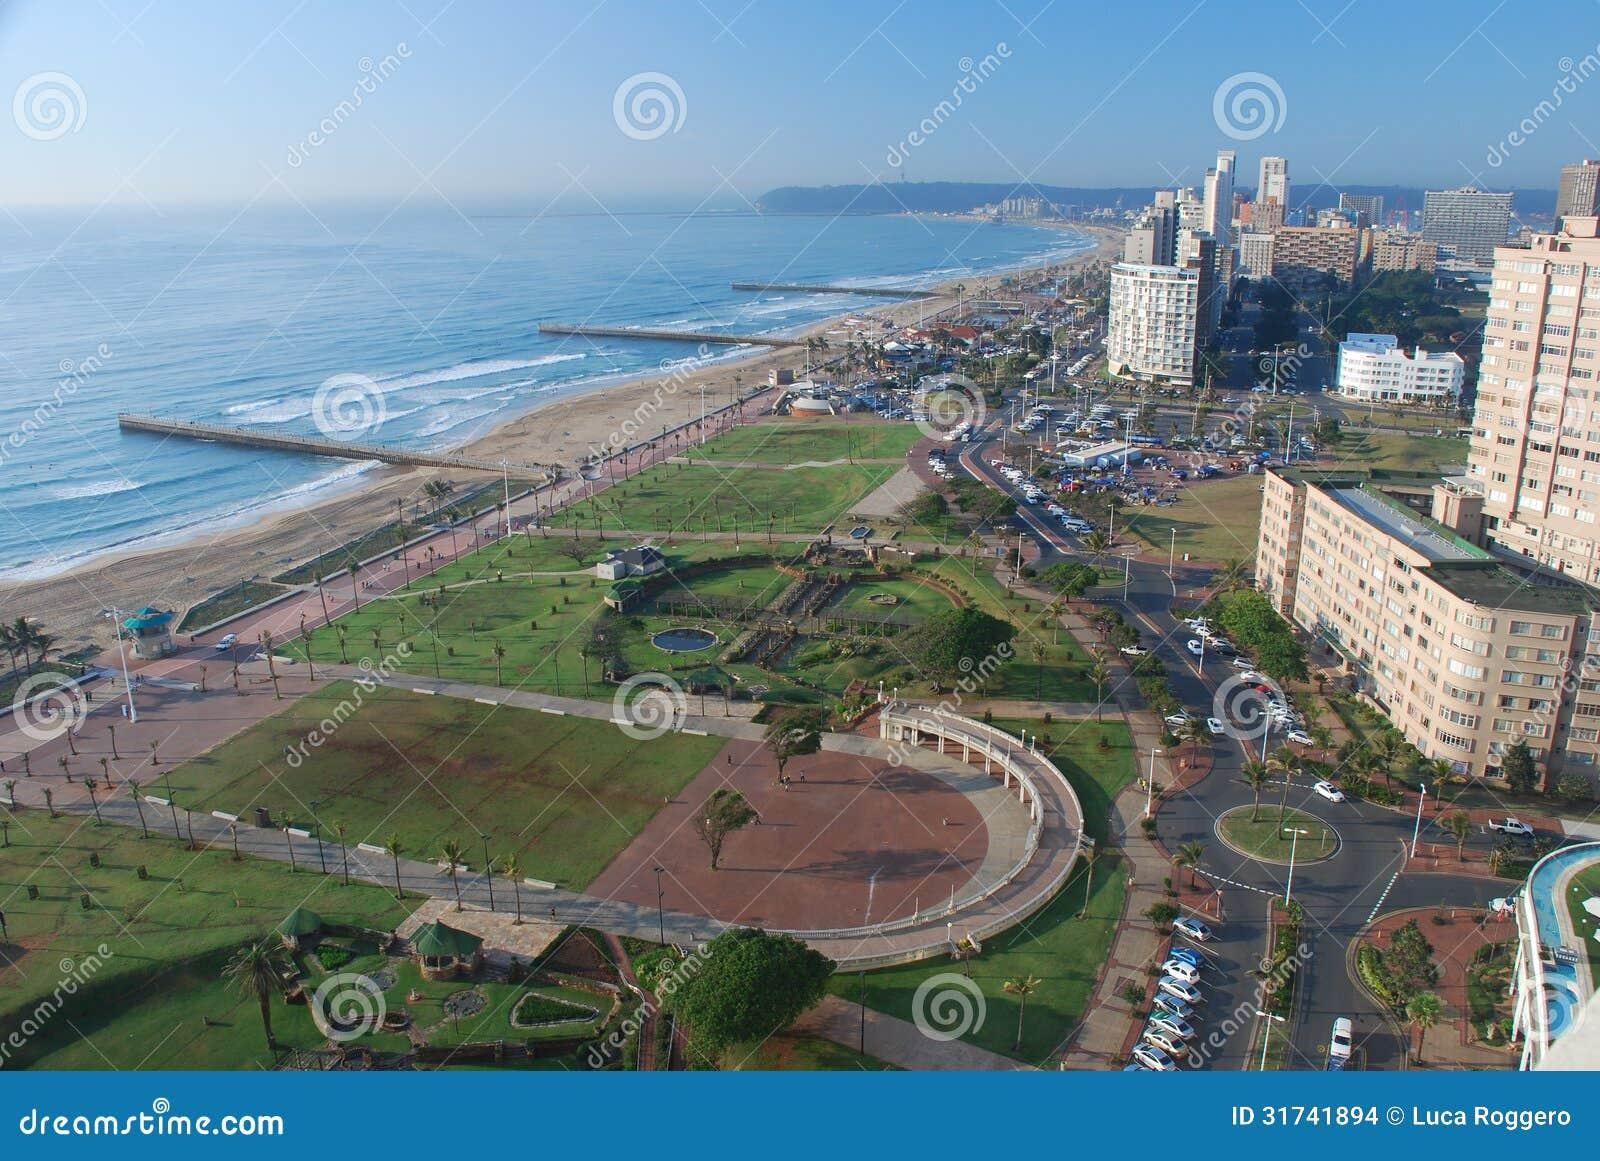 North Beach Durban South Africa